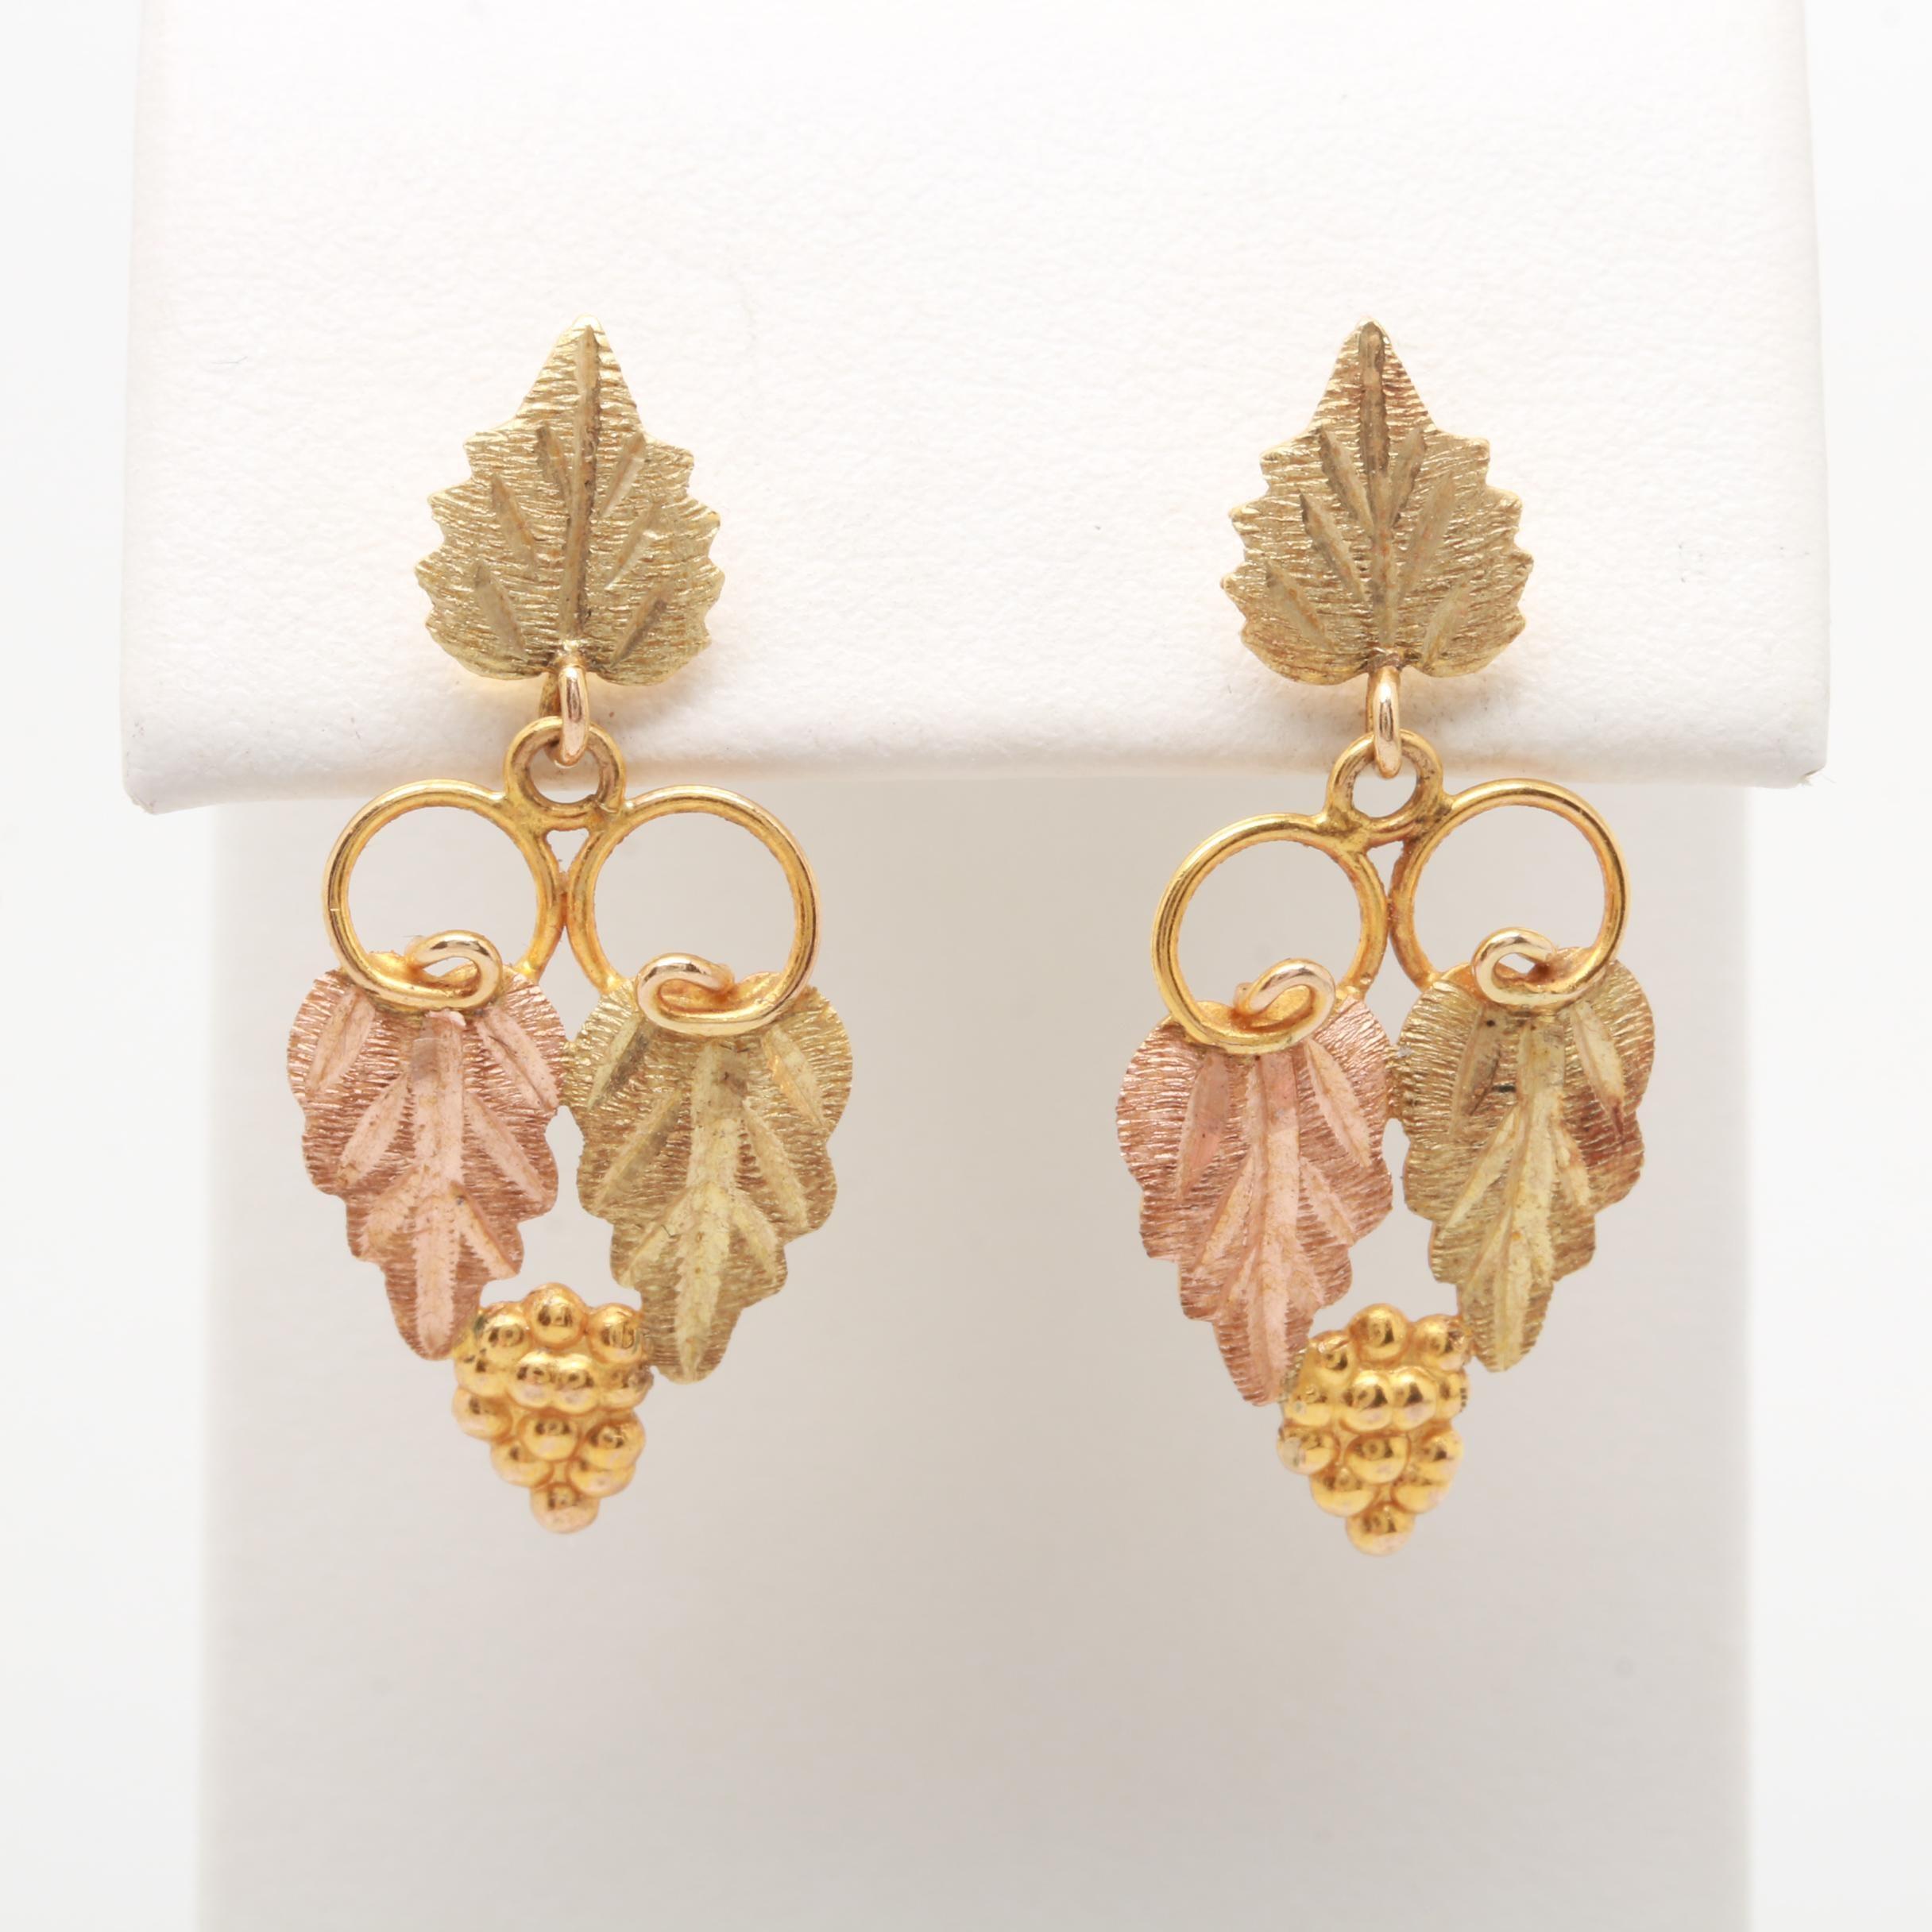 Landstrom's Black Hills Gold 10K Tri-Gold Foliate Dangle Earrings